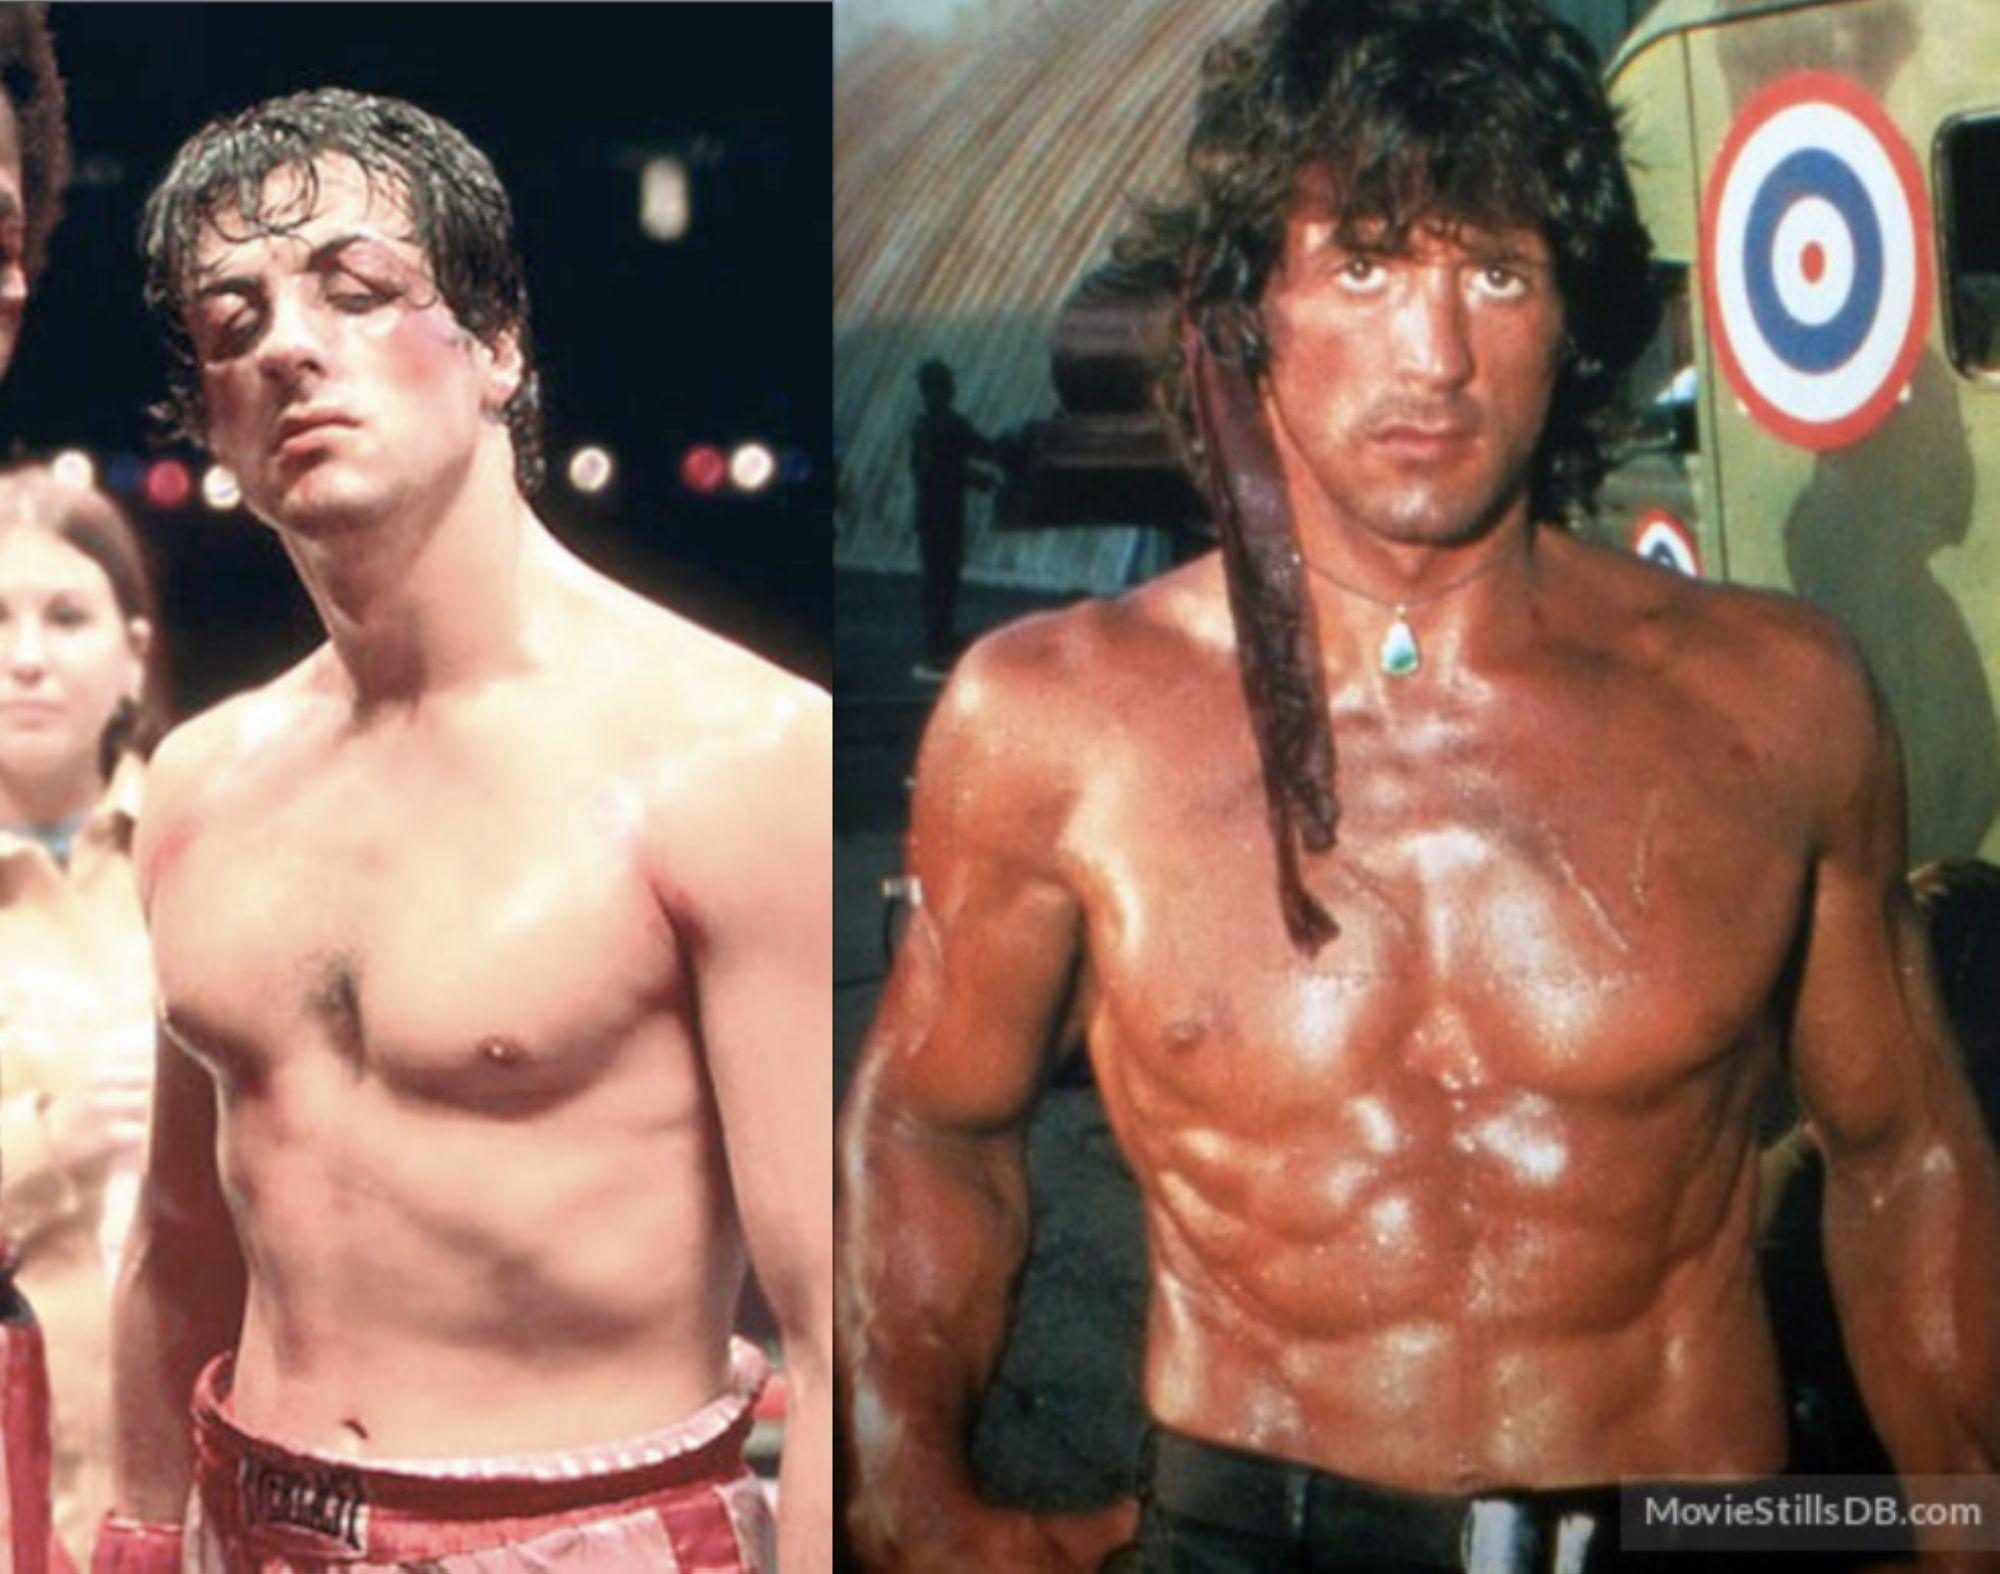 08-Rocky-vs-Rambo-2-good-comparison